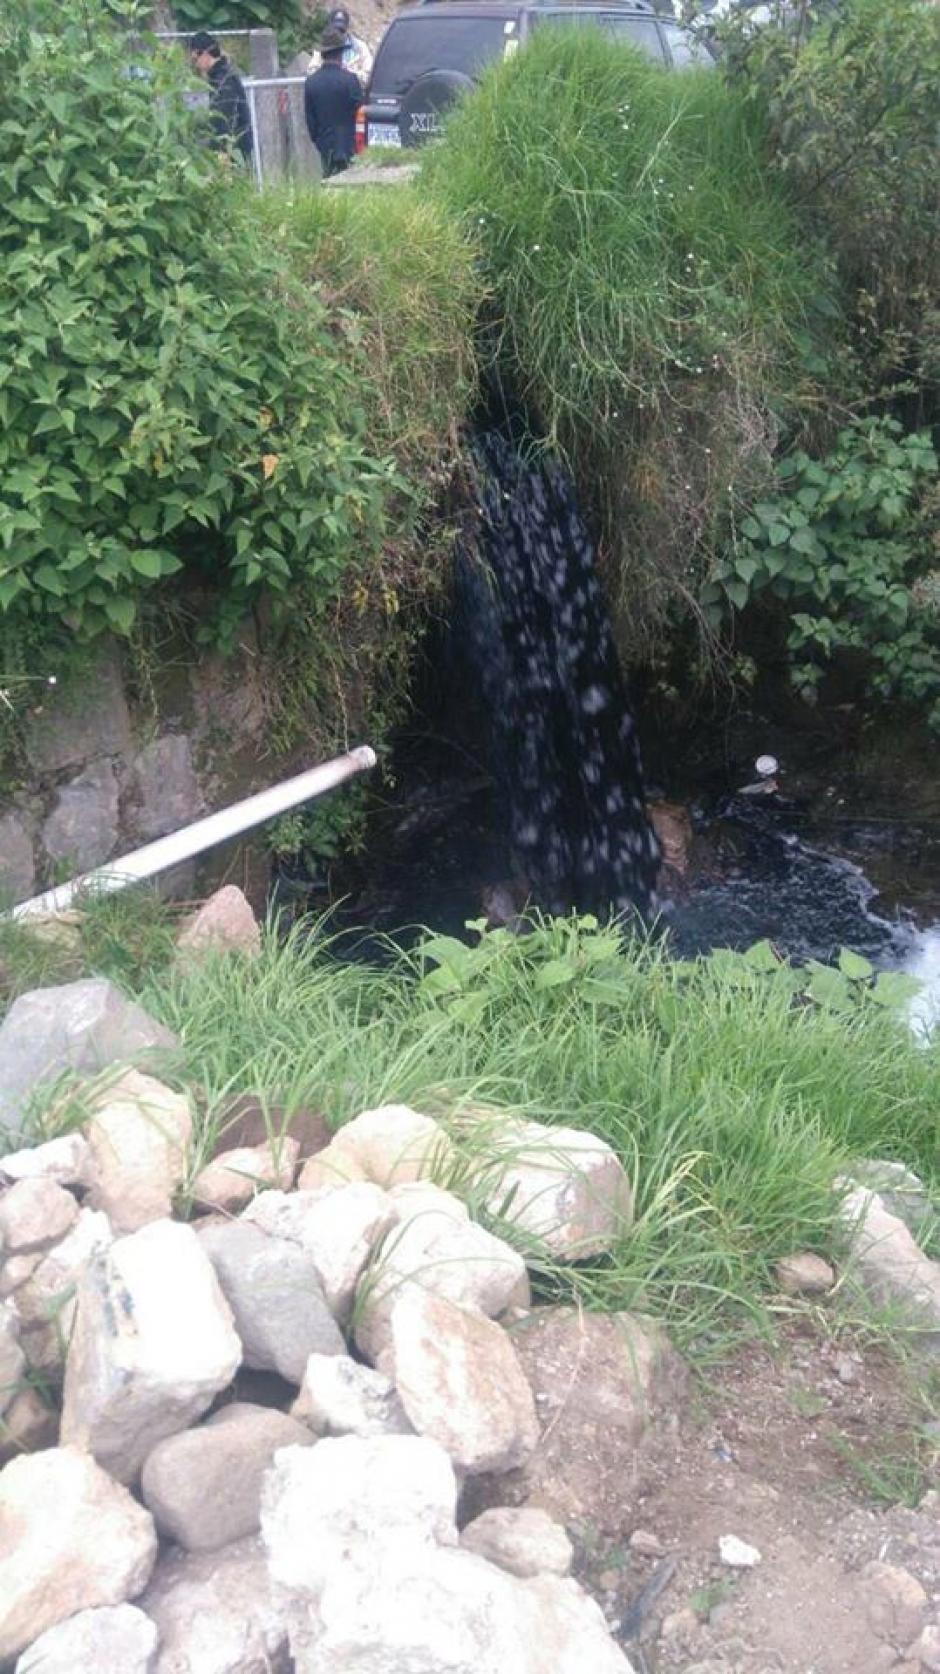 Esta es la sustancia oscura que contamina el río Samalá. (Foto: Stereo 100)